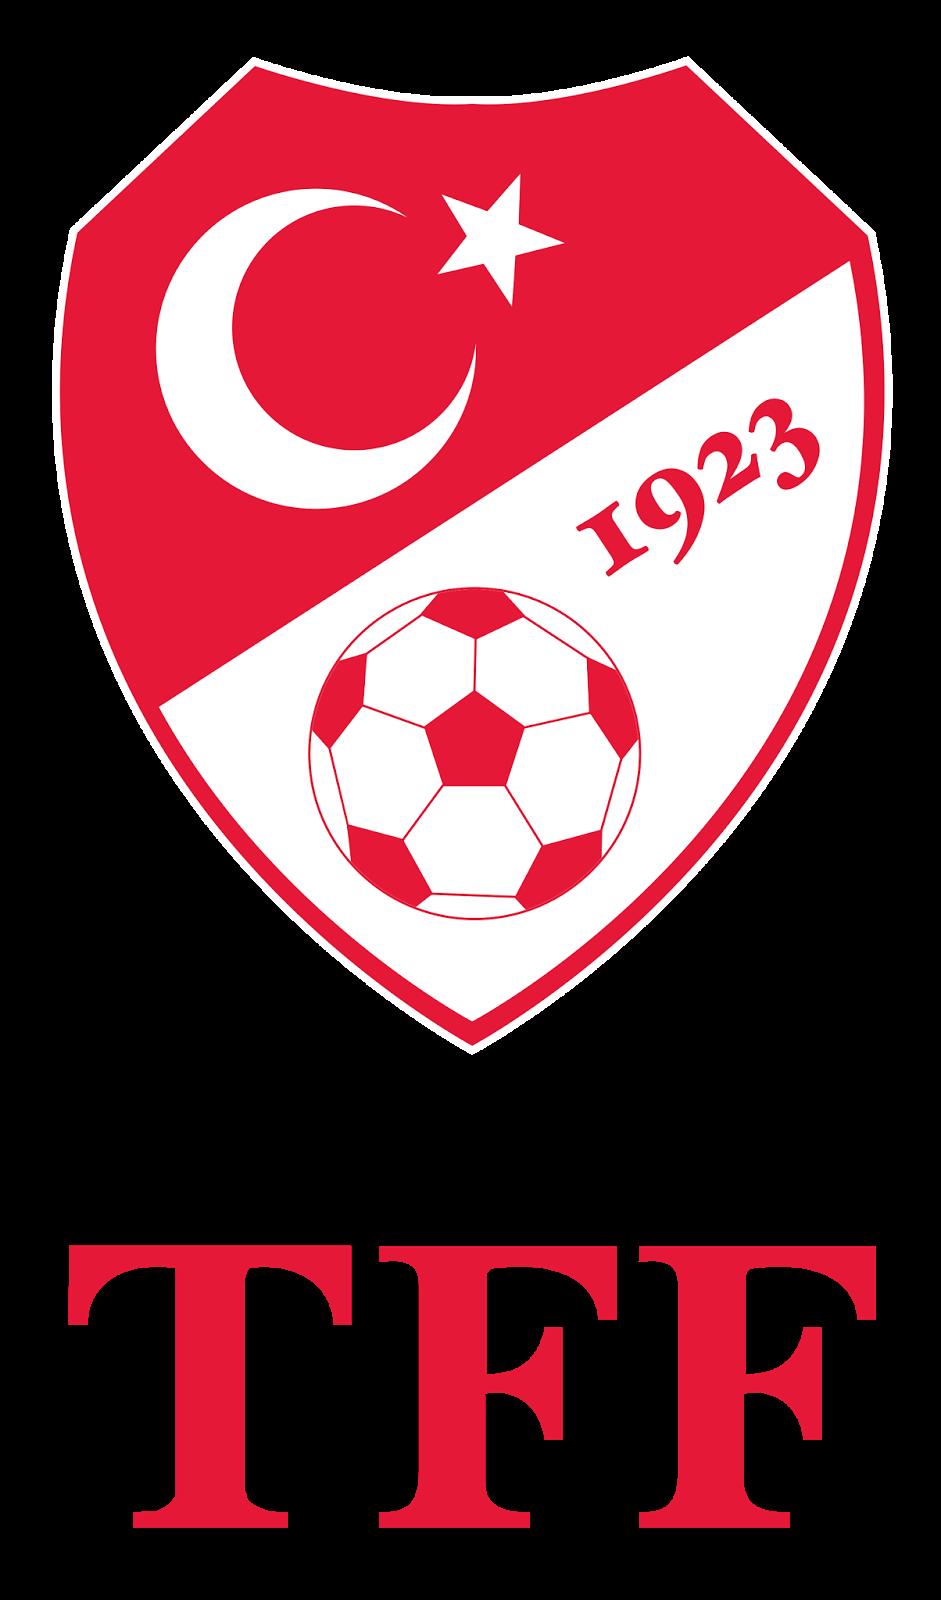 t220rk futbol tarİh199esİ tff logosu kullanımları